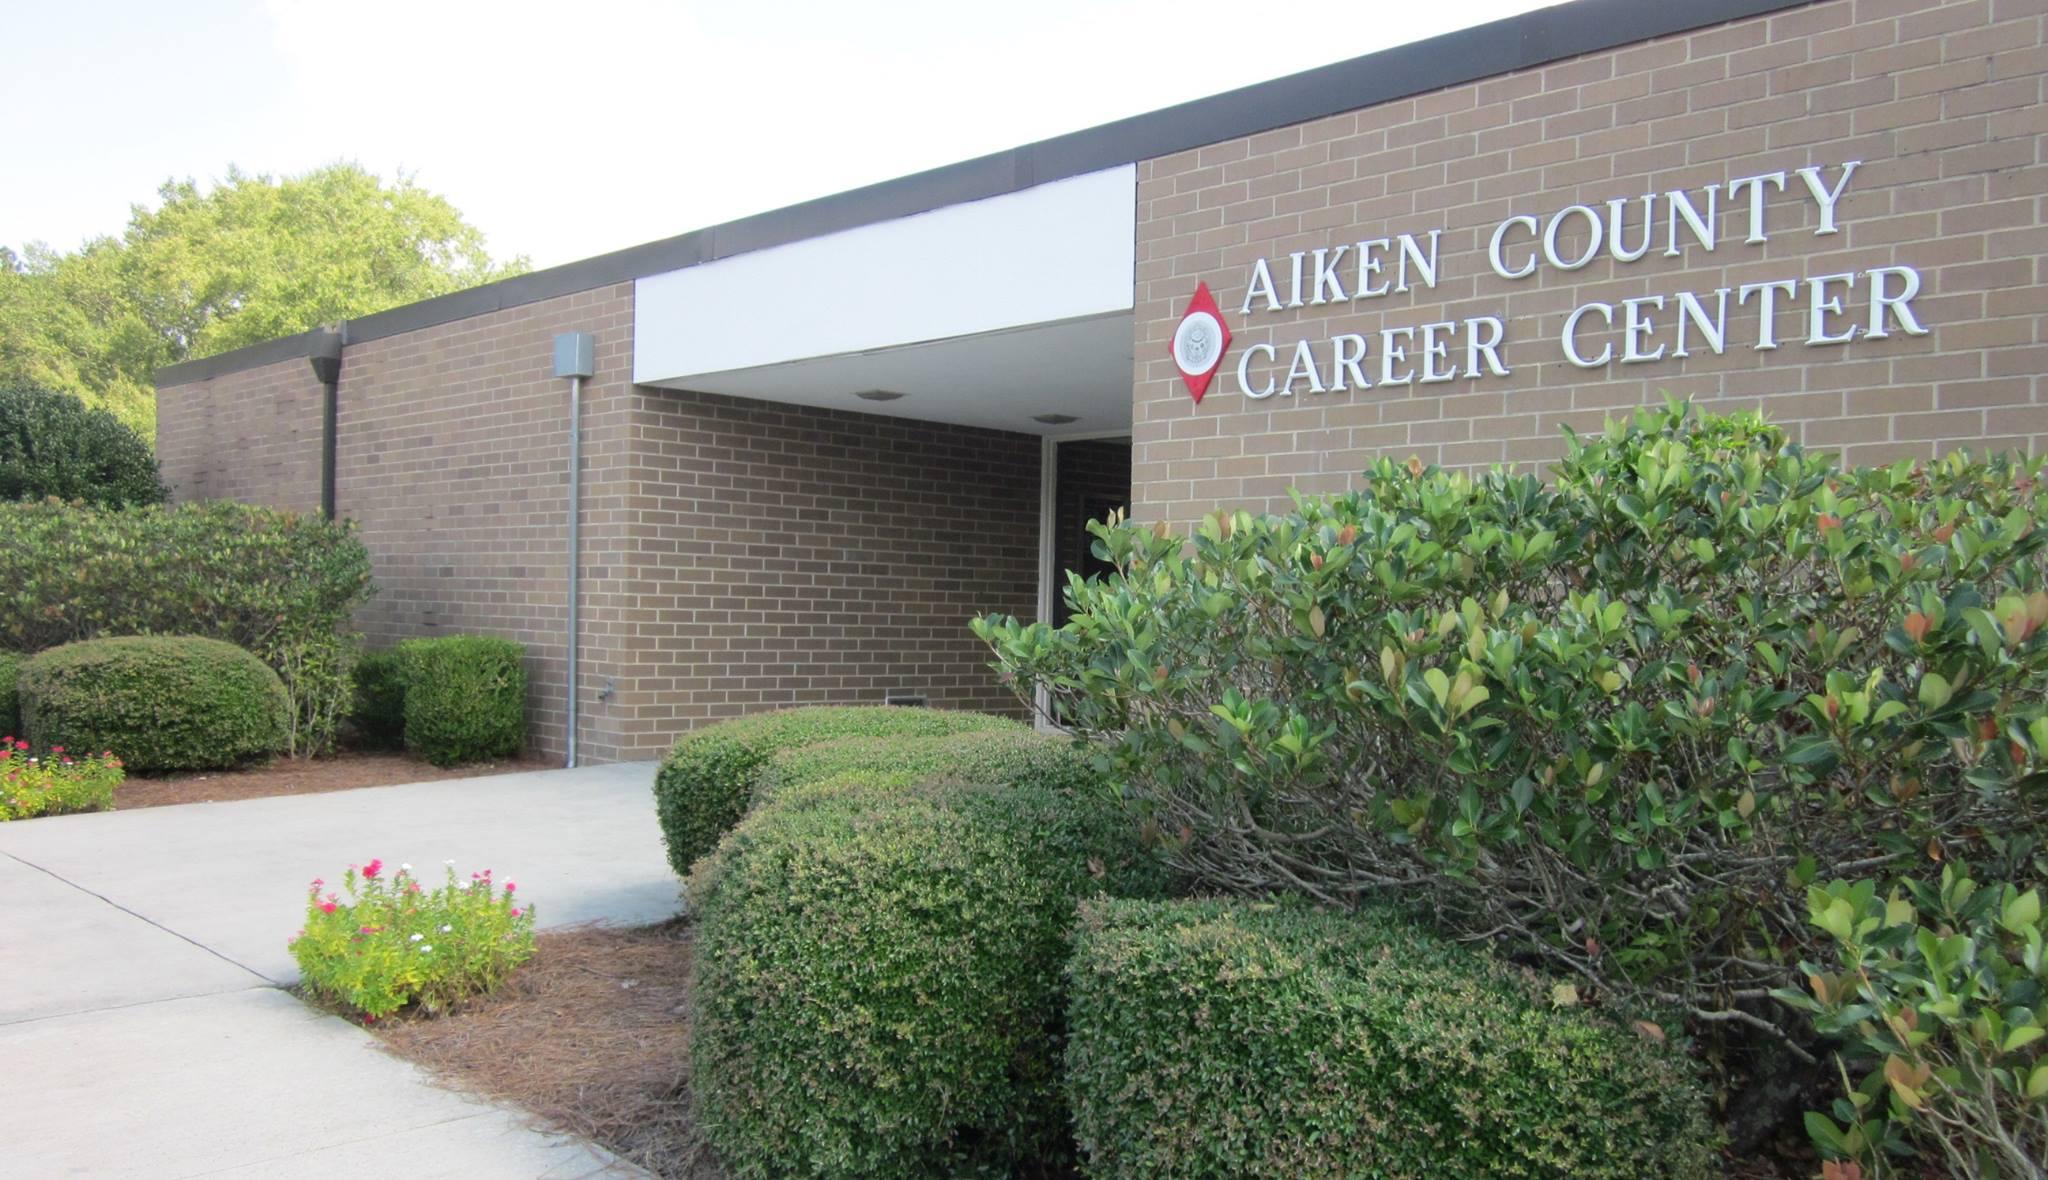 Career & Technology Center / Homepage Inside Aiken County School Calendar